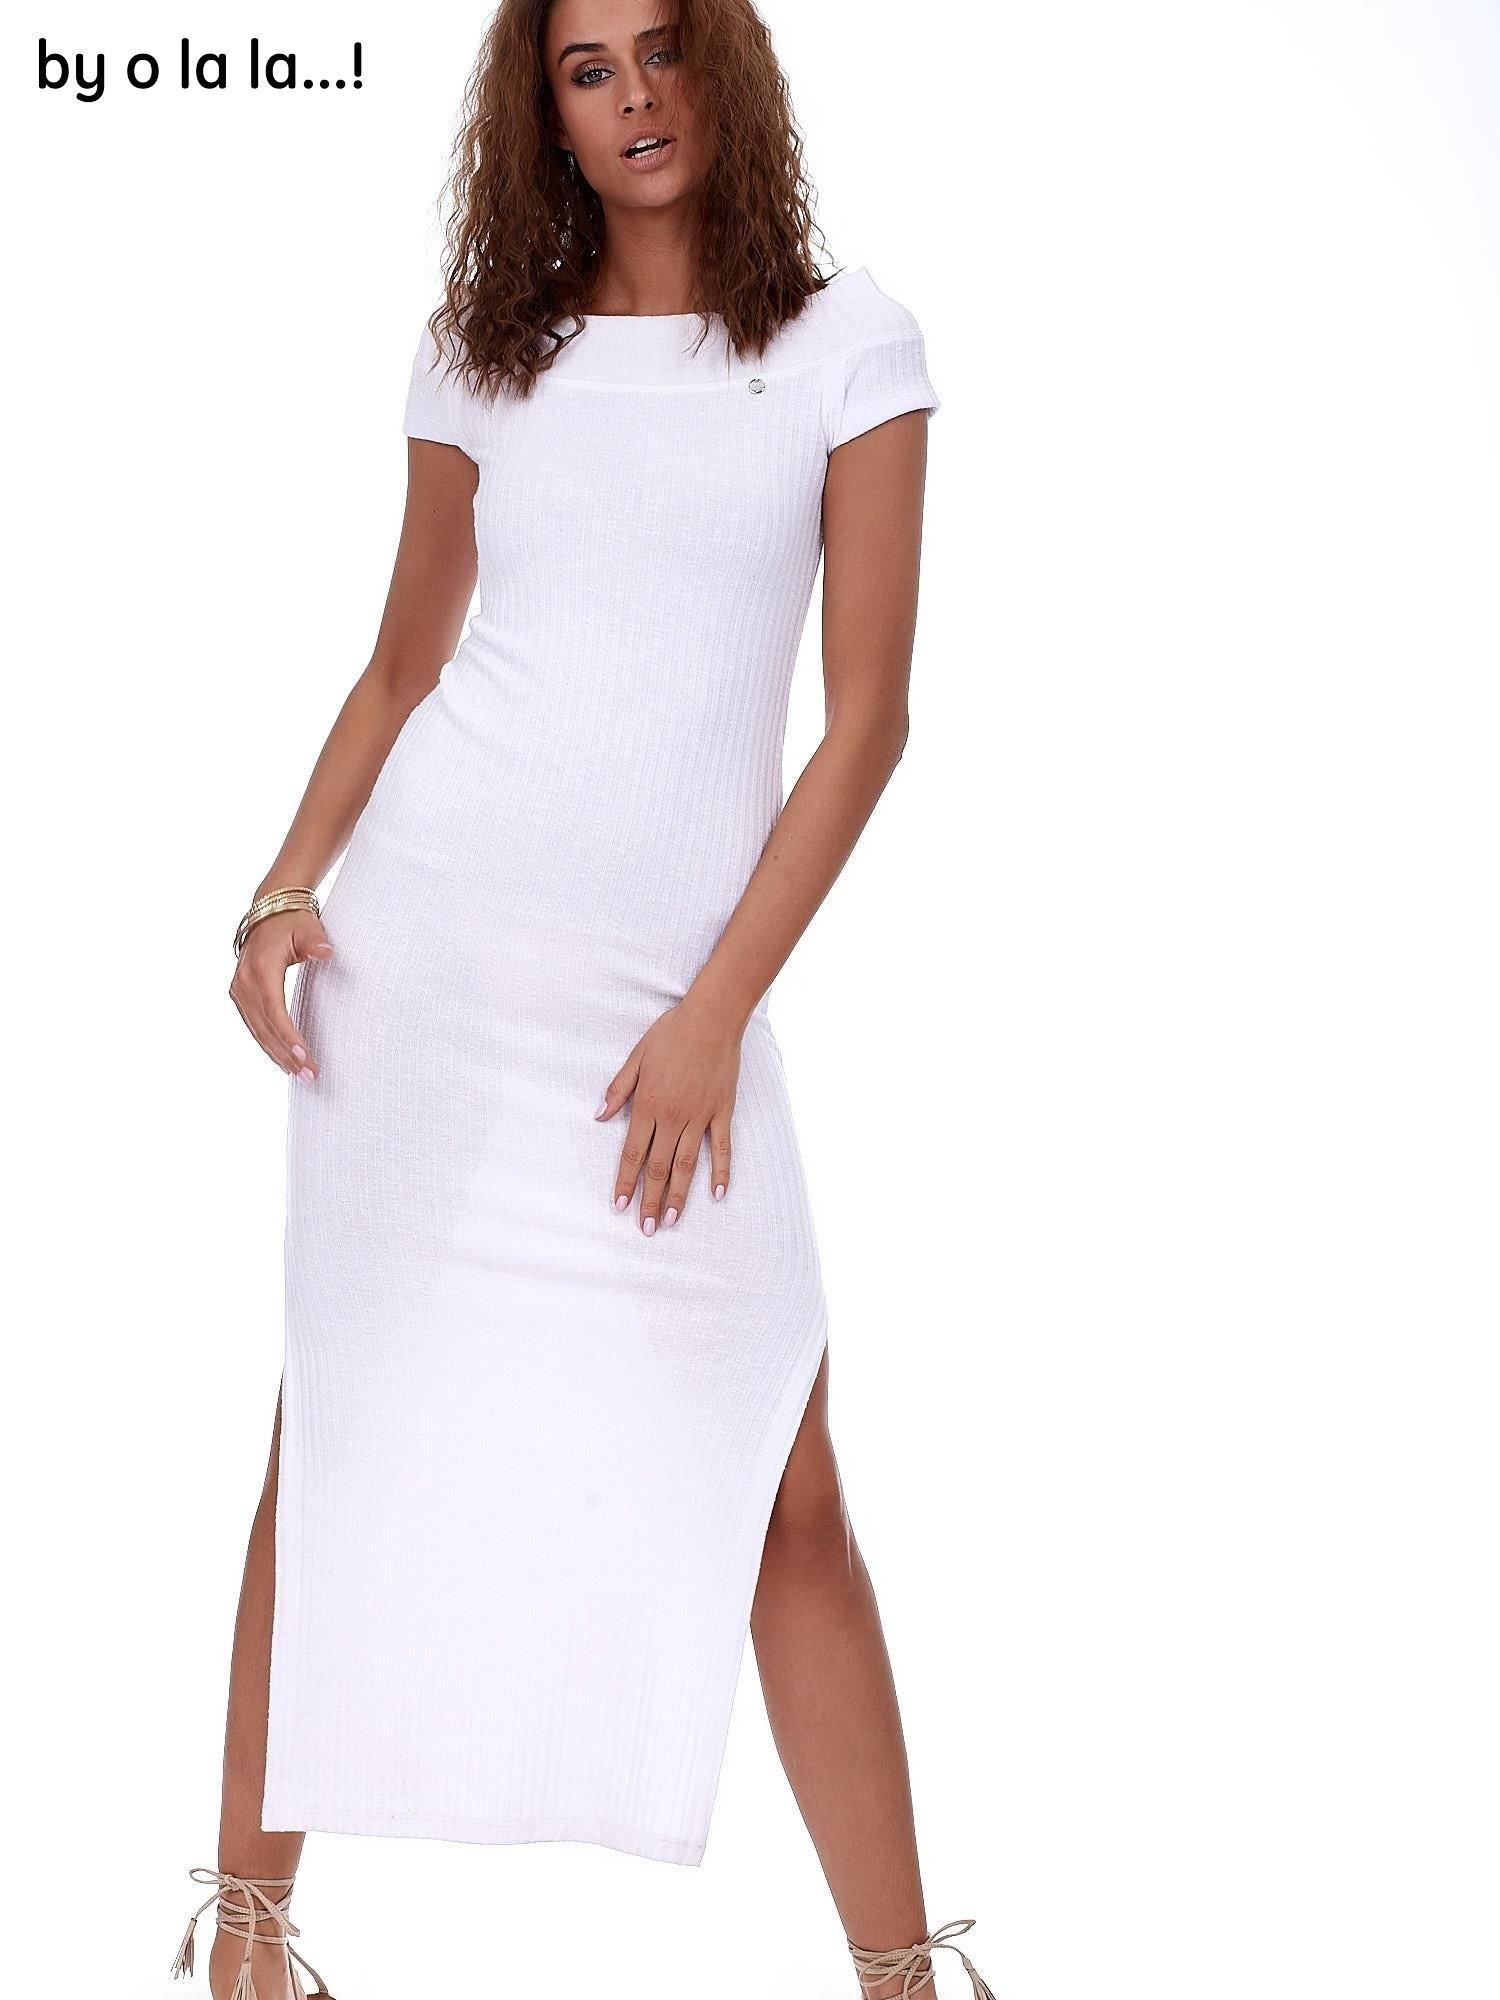 687d313b3c Sukienka biała maxi w prążek BY O LA LA - Sukienka dzianinowa ...